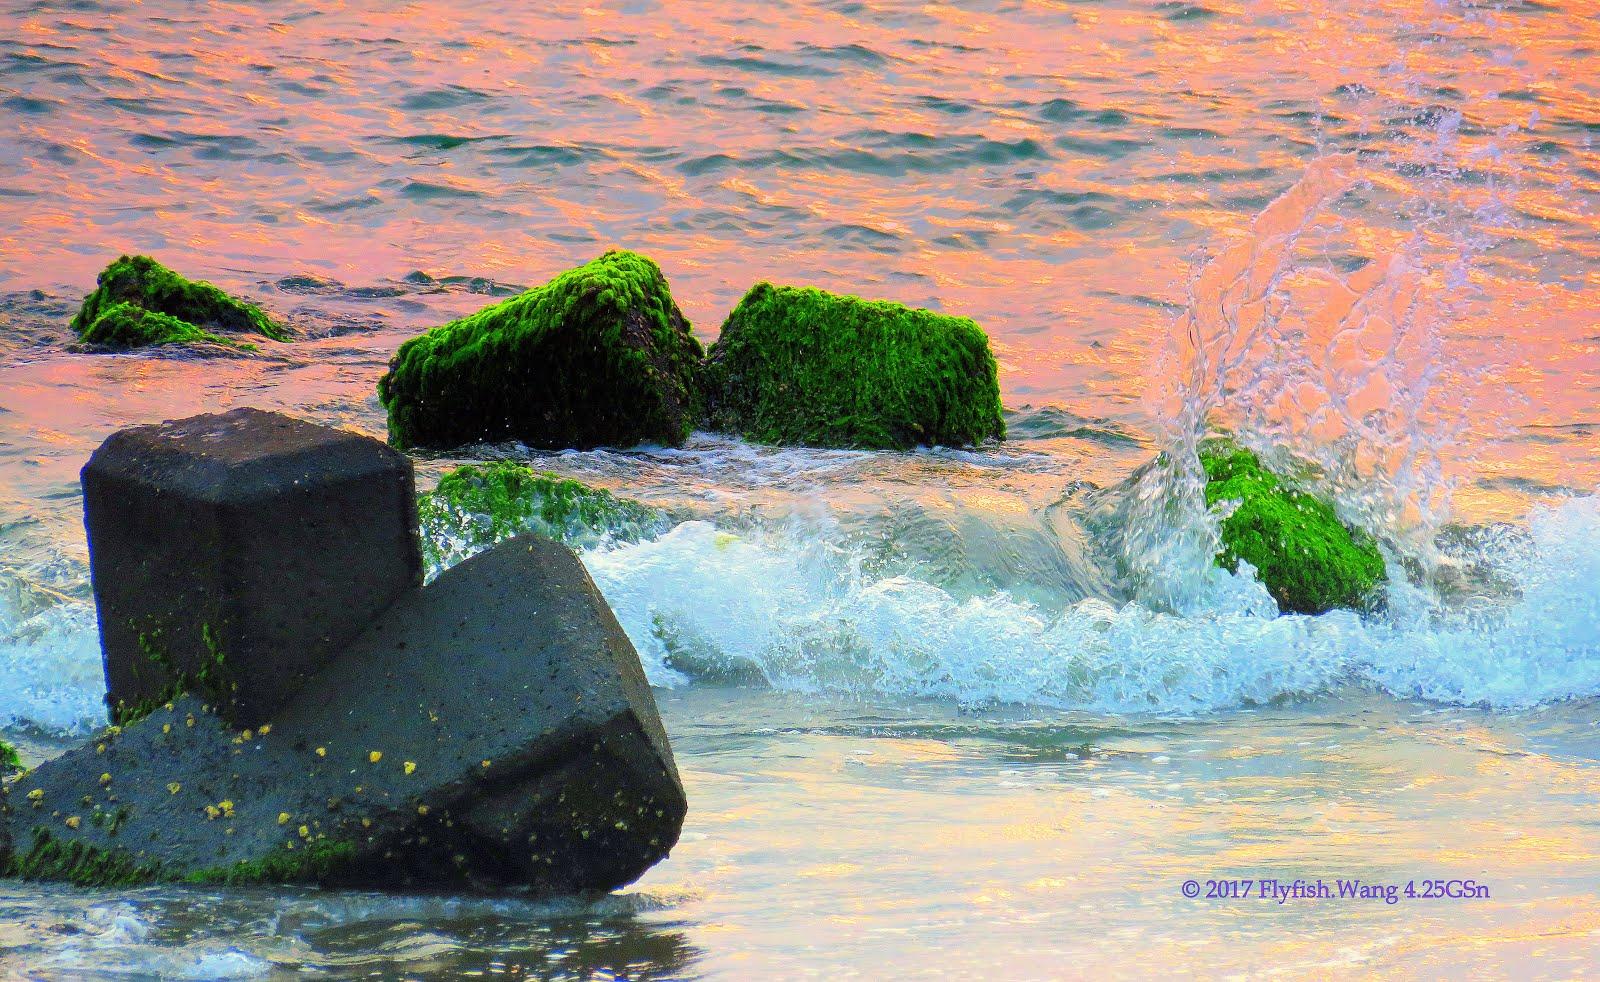 【台南東區。春季黃金海岸獵影2017】04.25GSM - 海潮與夕彩的激盪 27°c